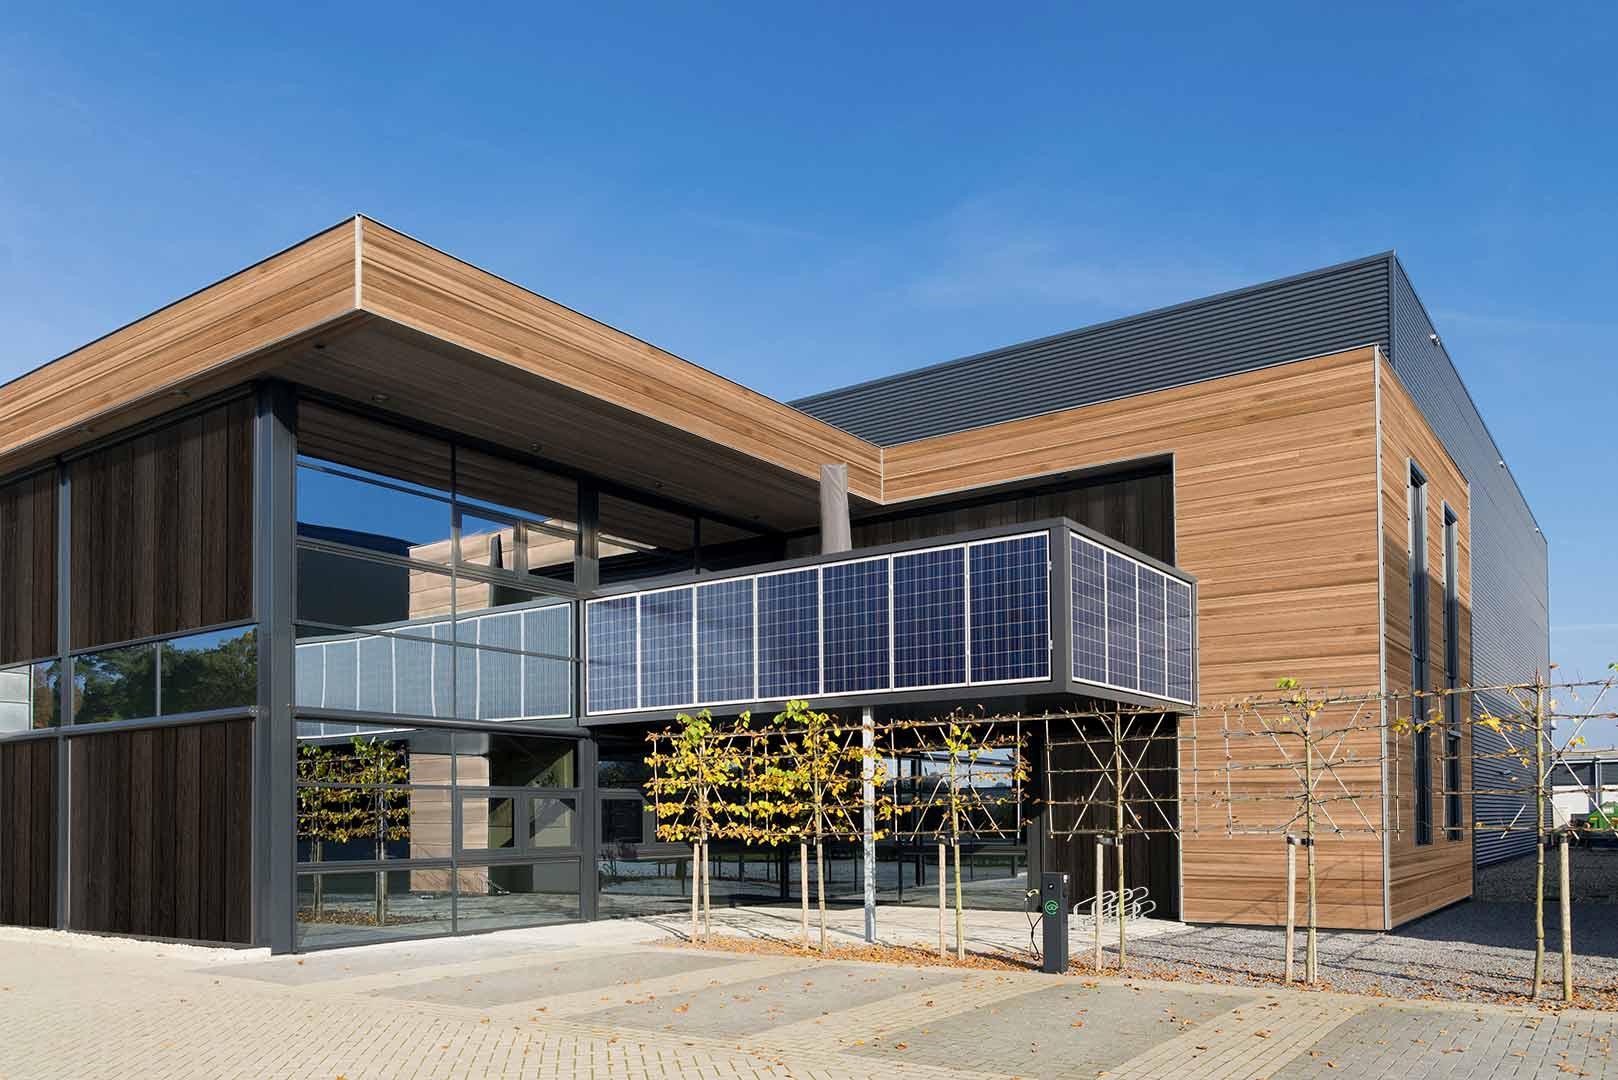 revêtement extérieur imitation bois en aluminium extrudé